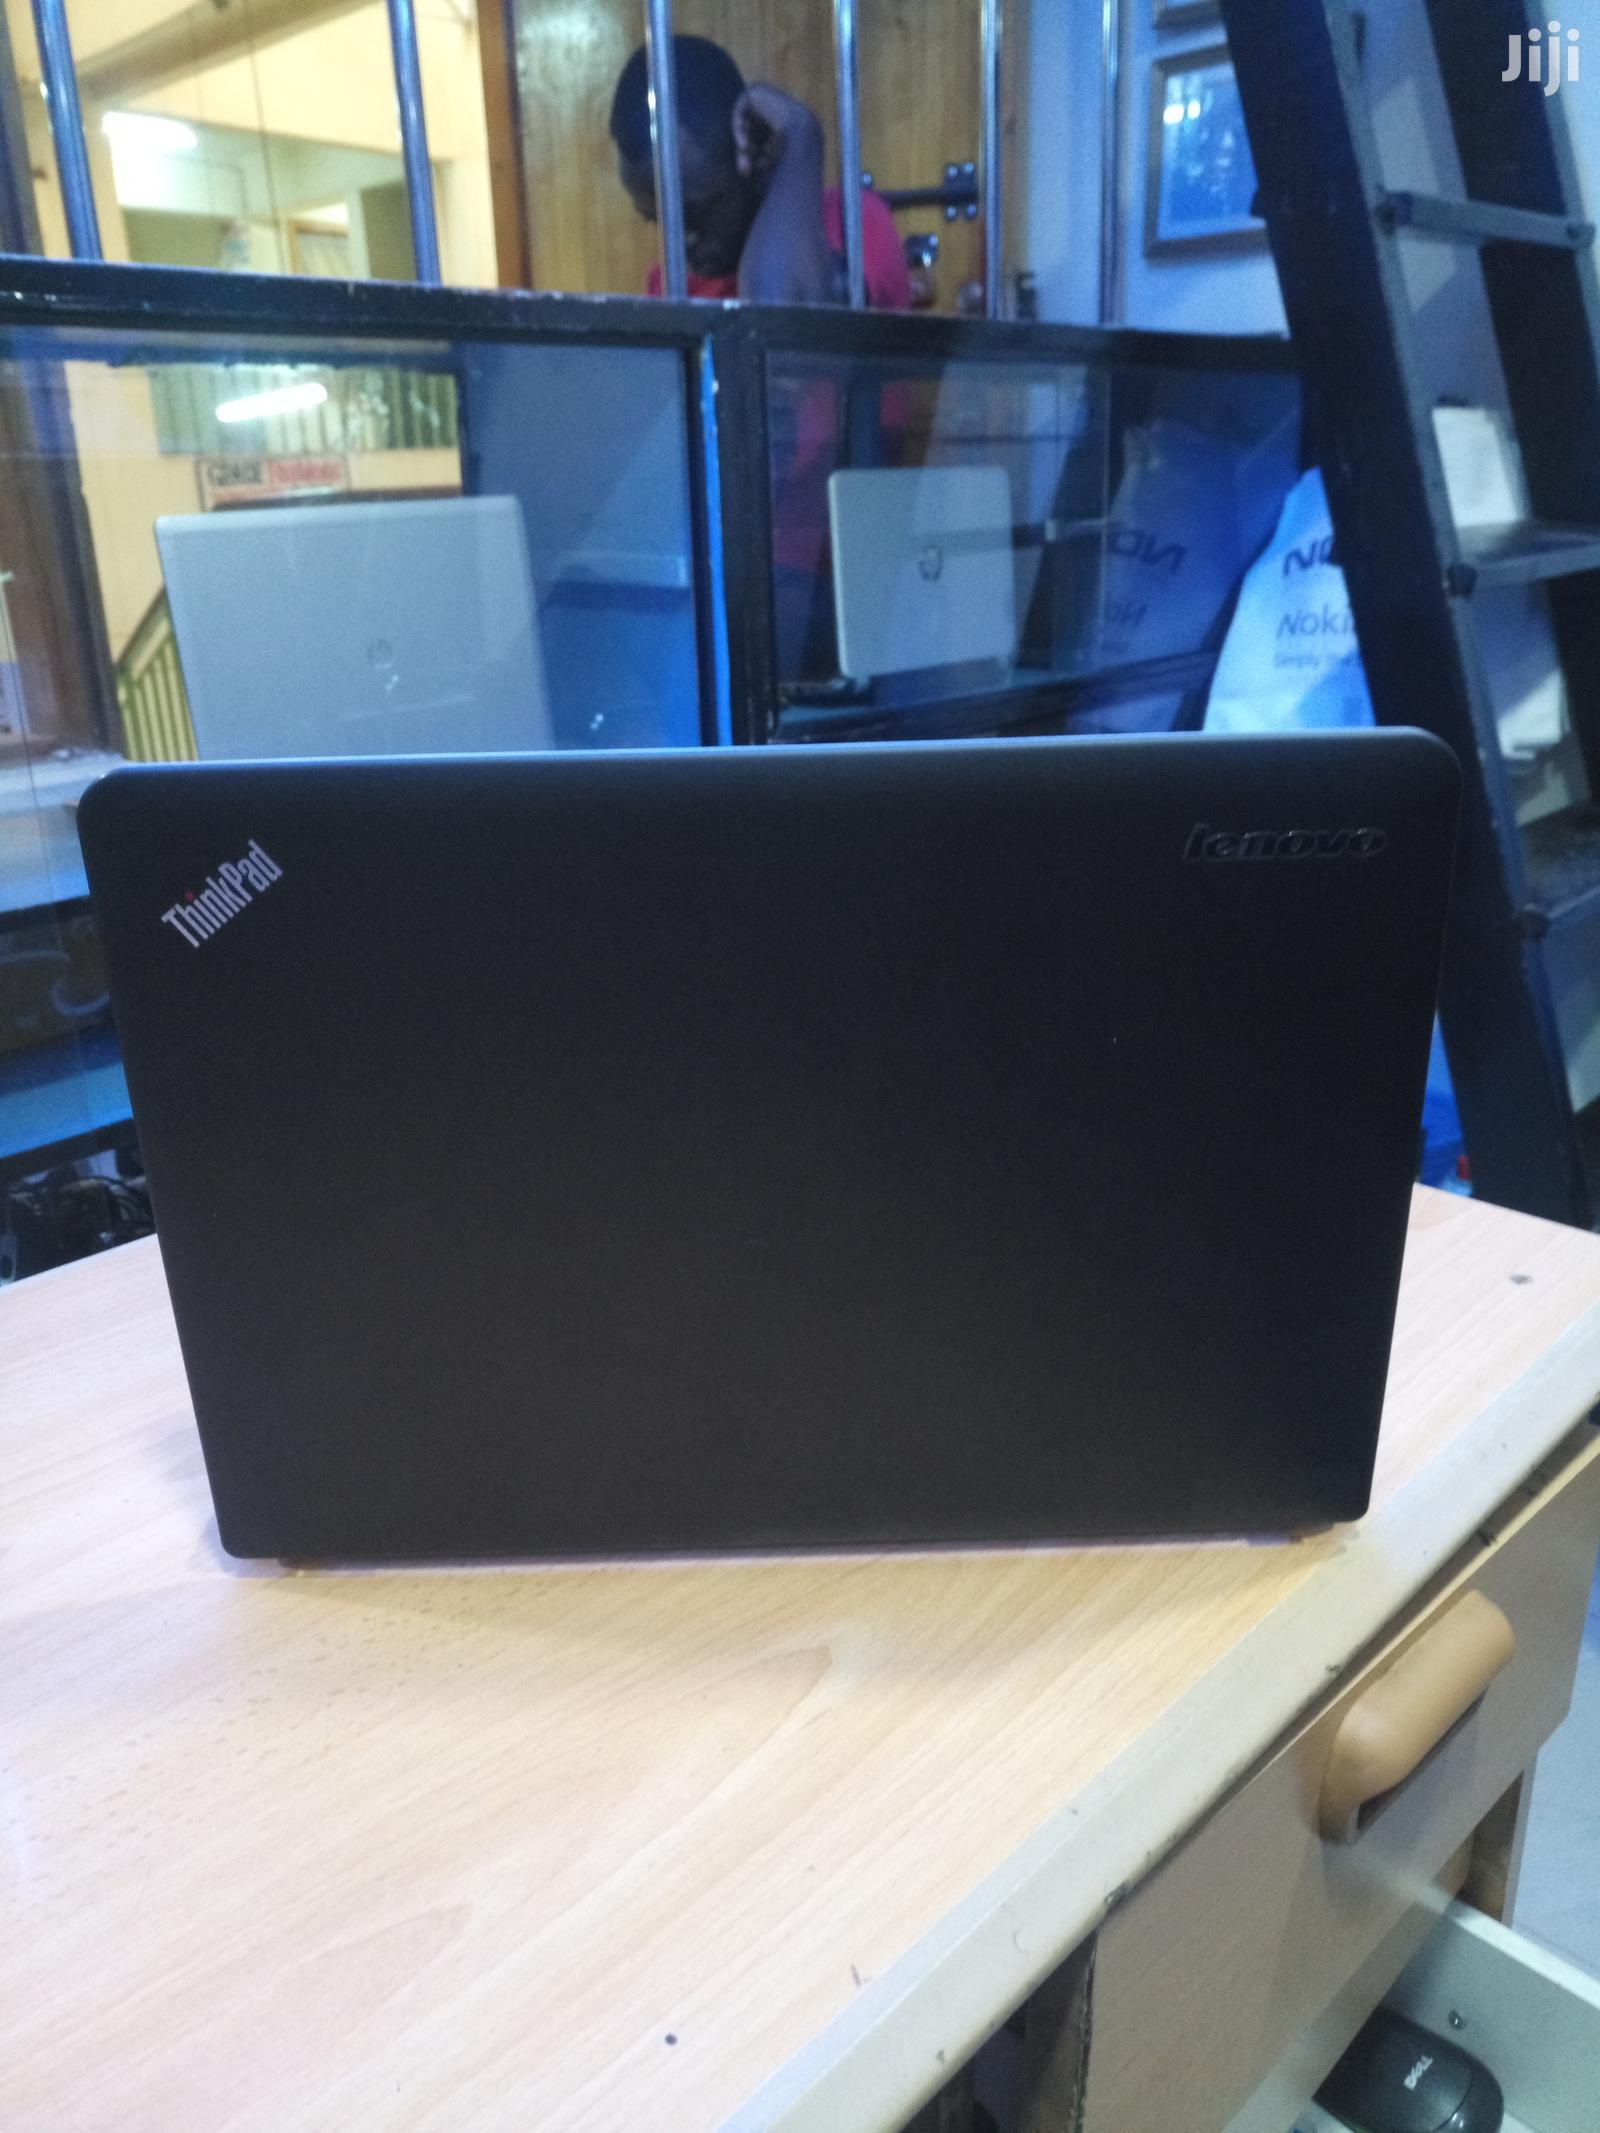 Lenovo I5 440 500 Gb Hdd Core i5 4 Gb Ram | Laptops & Computers for sale in Kimumu, Uasin Gishu, Kenya